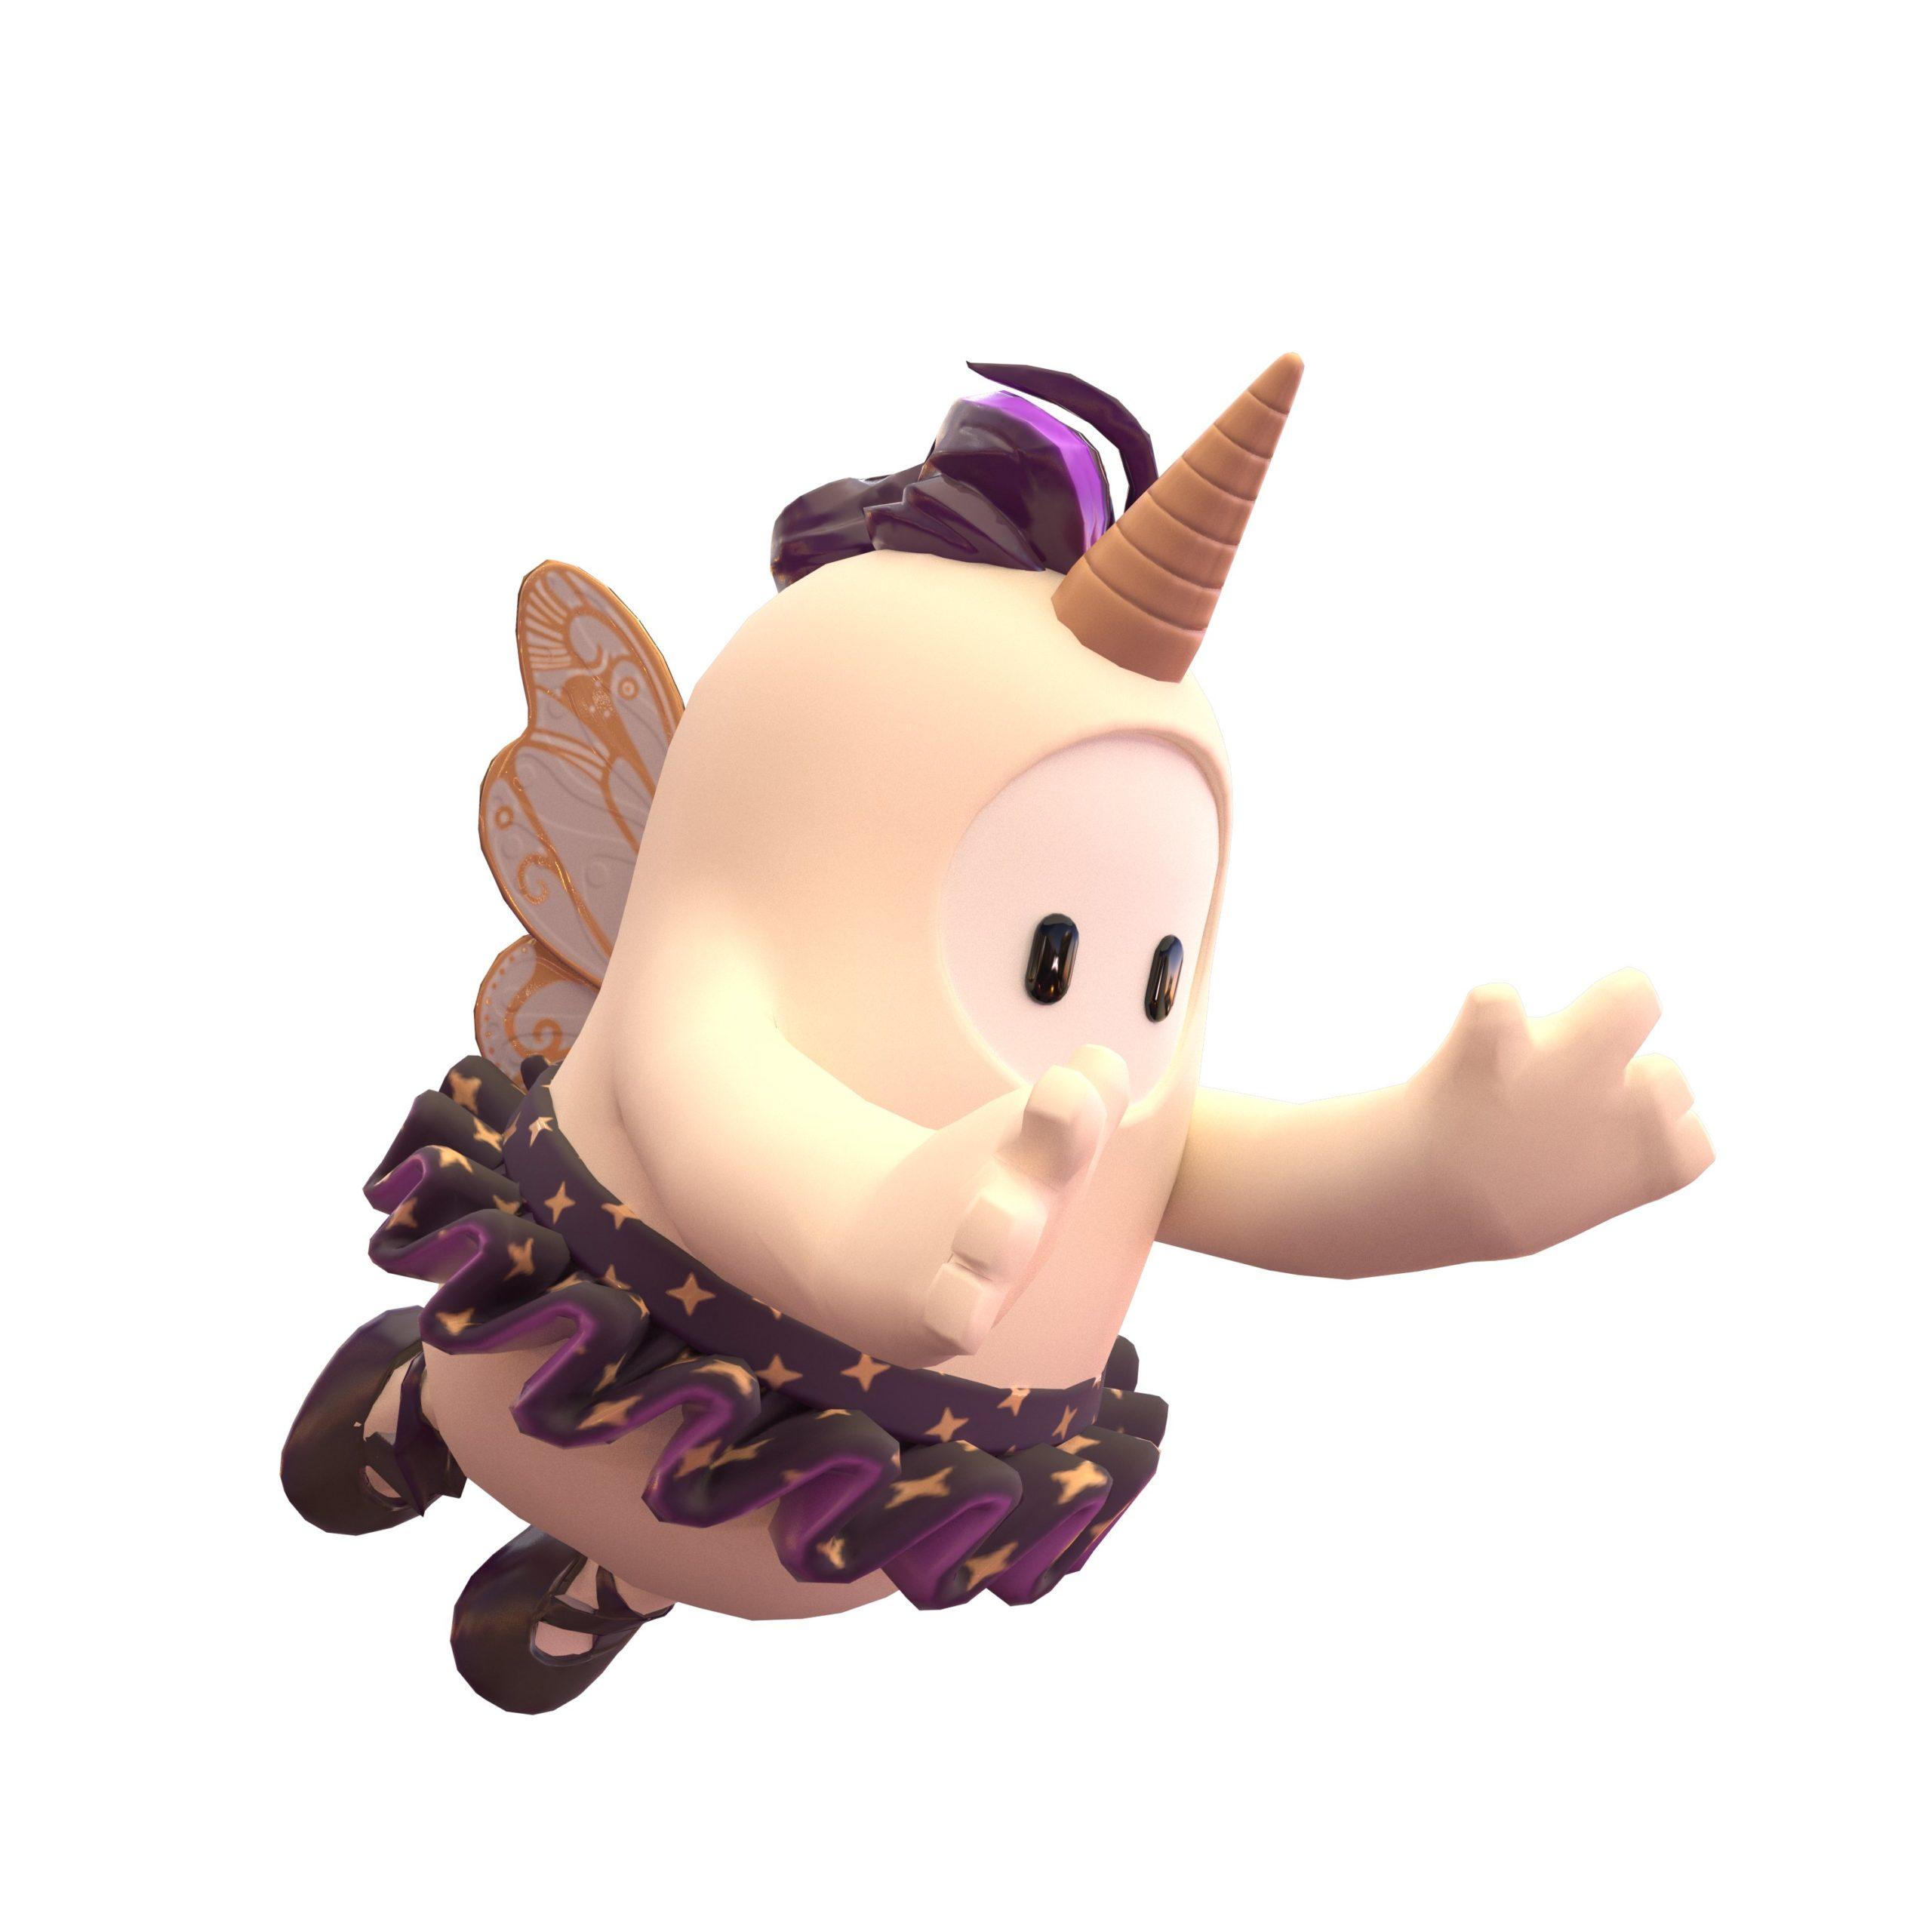 チーター出現我慢のお詫びでUltra Rare Unicornスキンを配布!?